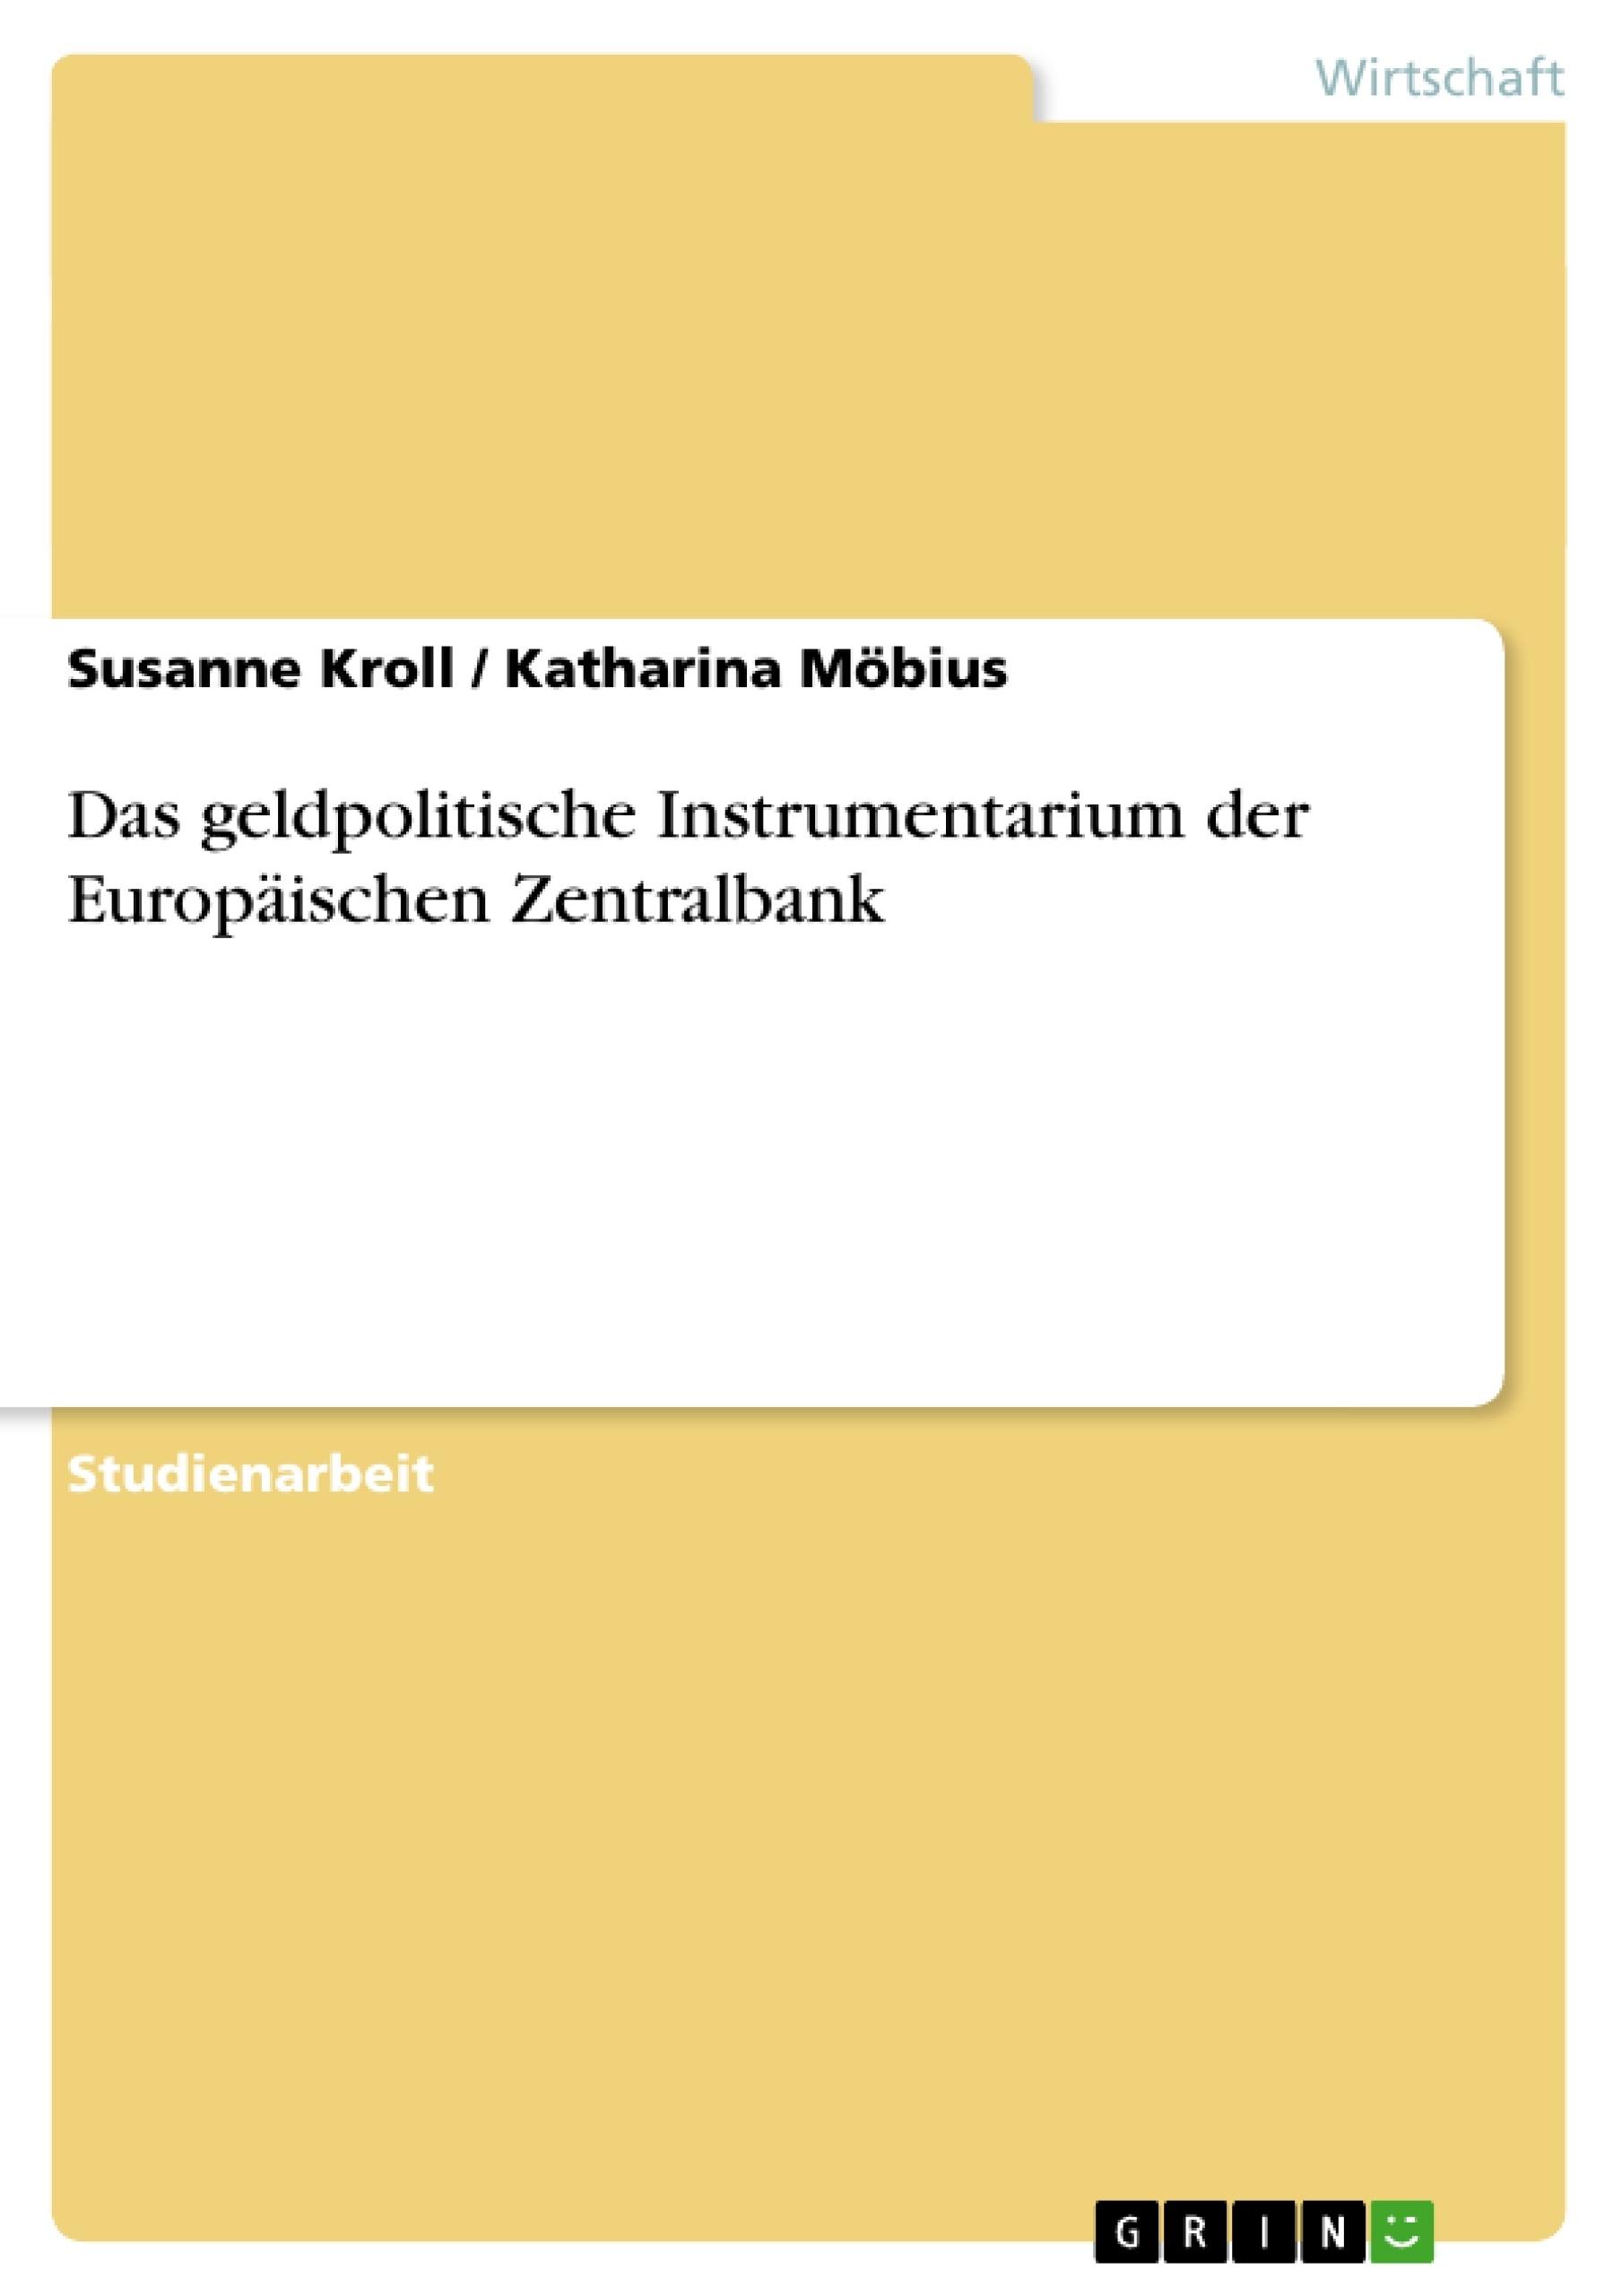 Titel: Das geldpolitische Instrumentarium der Europäischen Zentralbank